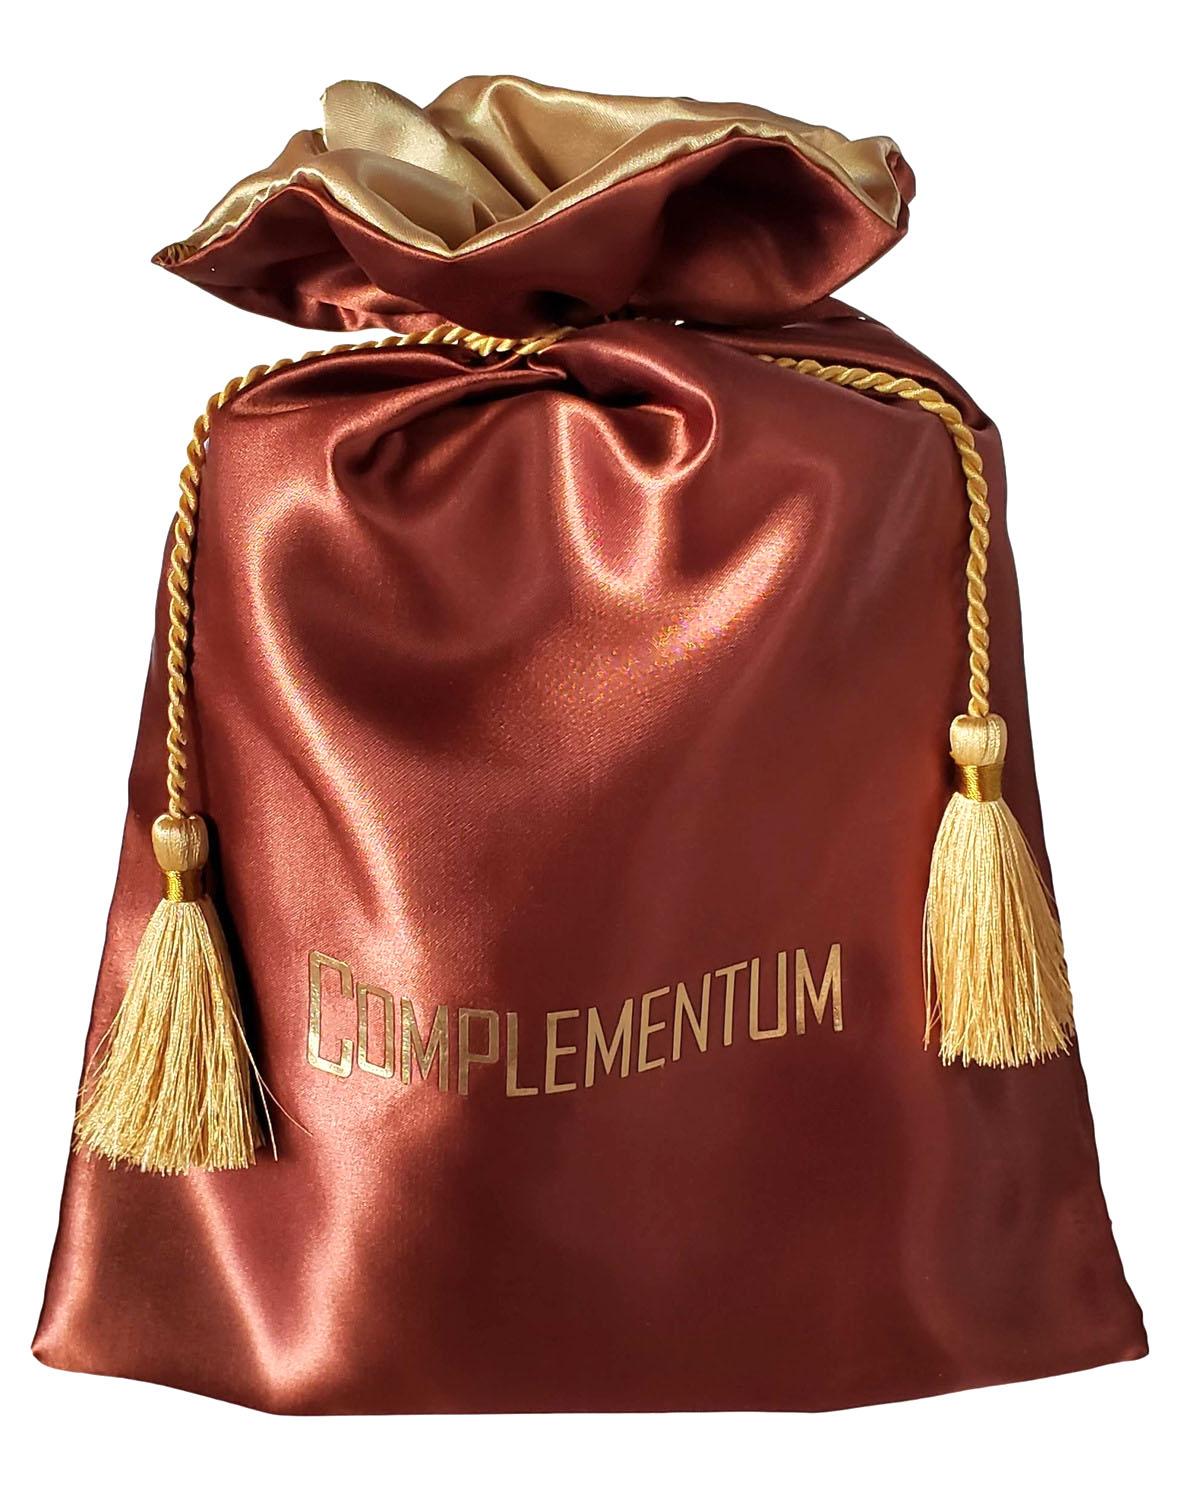 Saquinho de cetim Premium 30x40 - borda de cetim colorida - Impressão Hot-Stamping Italiano - fechamento com corda e pingente cupula trançada  - Linha Premium 1212  - Litex Embalagens